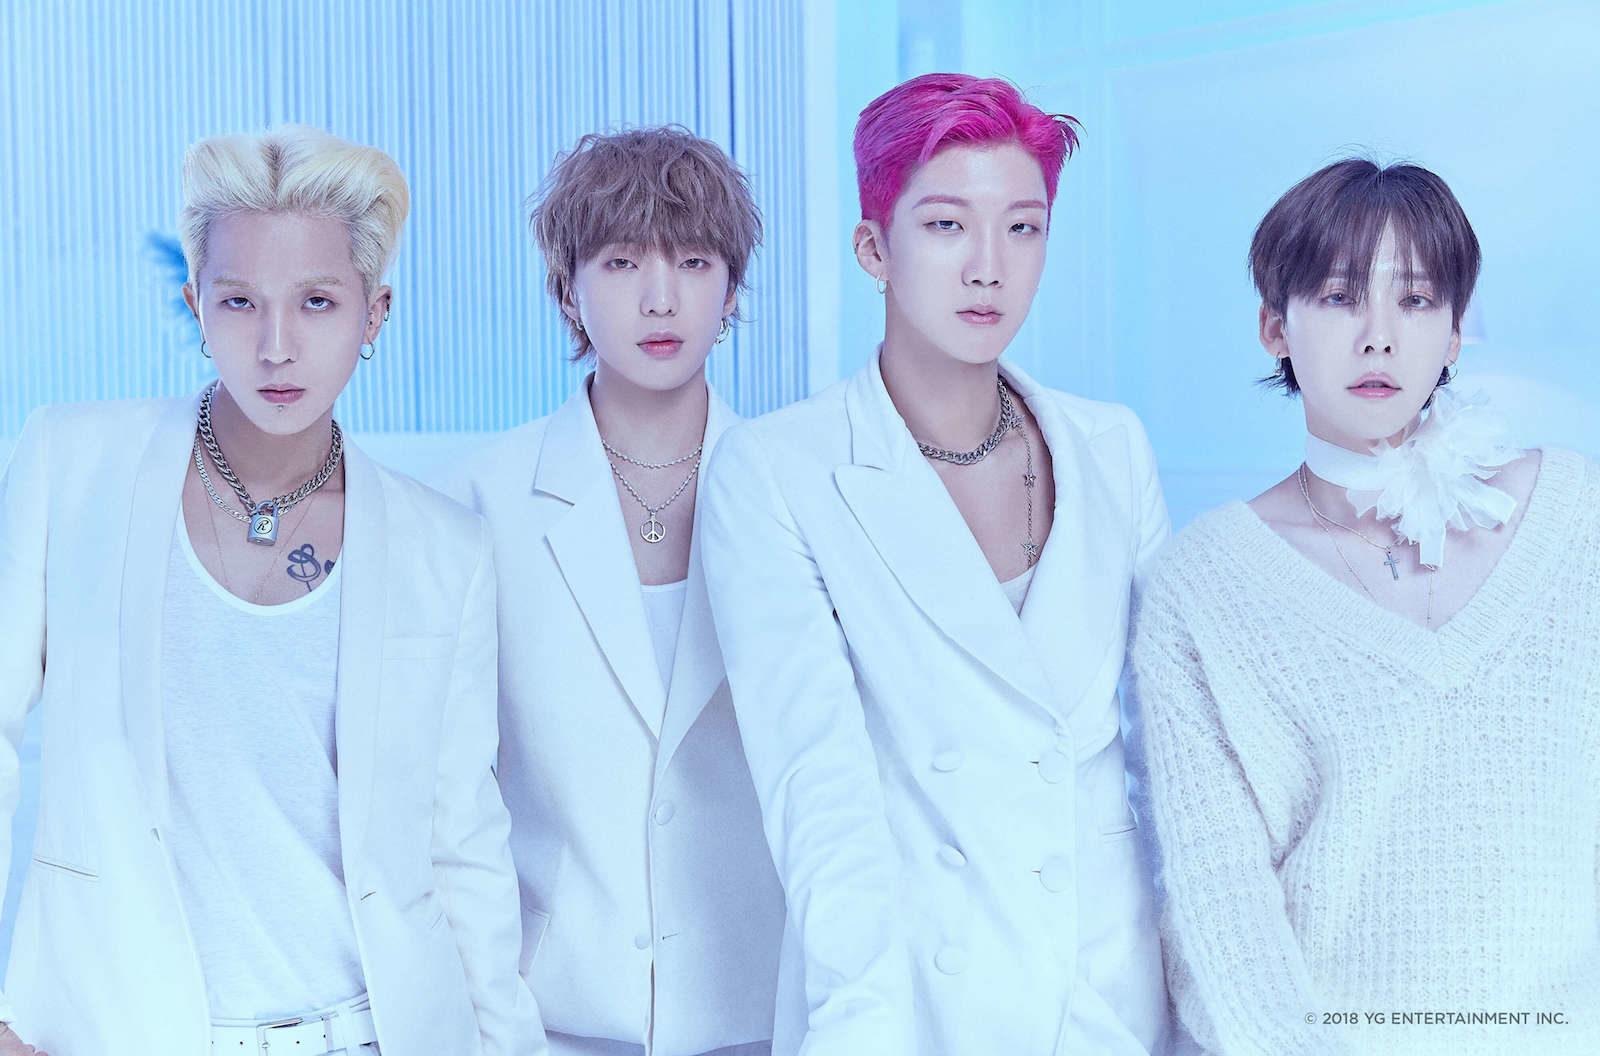 """BIGBANGに続く第2のボーイズグループ""""WINNER""""、自身初となる全4都市で行われるアリーナツアーが開催決定サムネイル画像"""